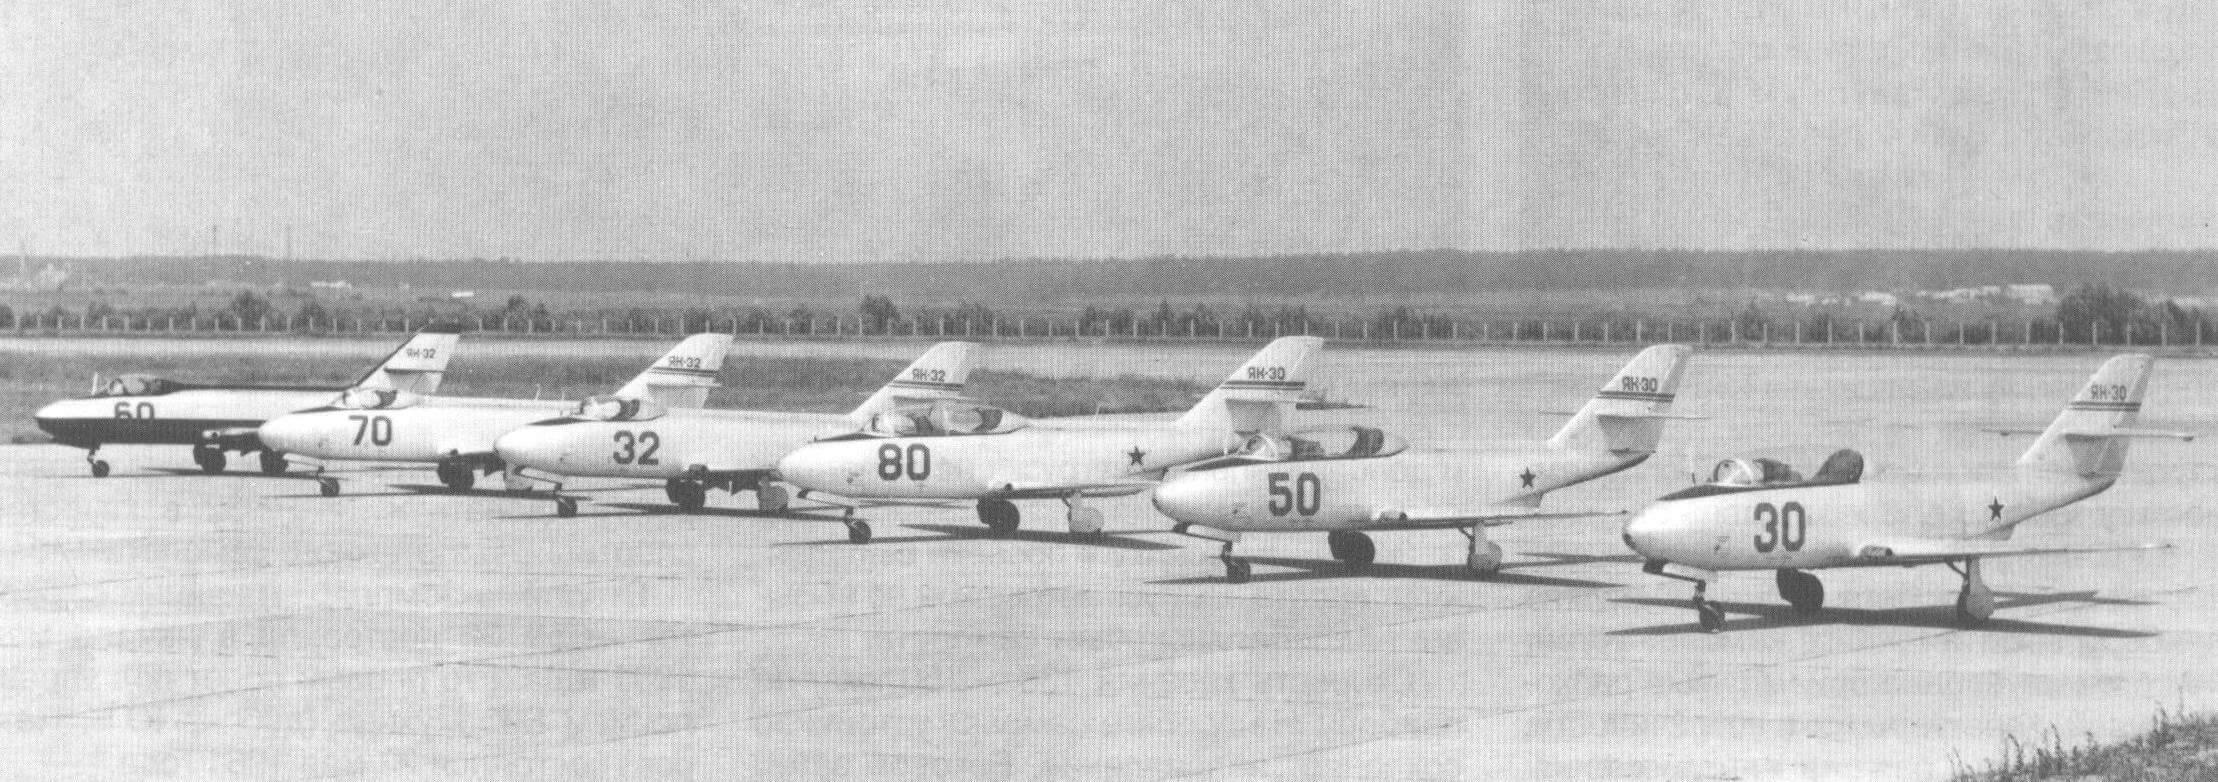 Линейка самолетов Як-30 и Як-32 перед воздушным парадом в Тушино. 1961 г.